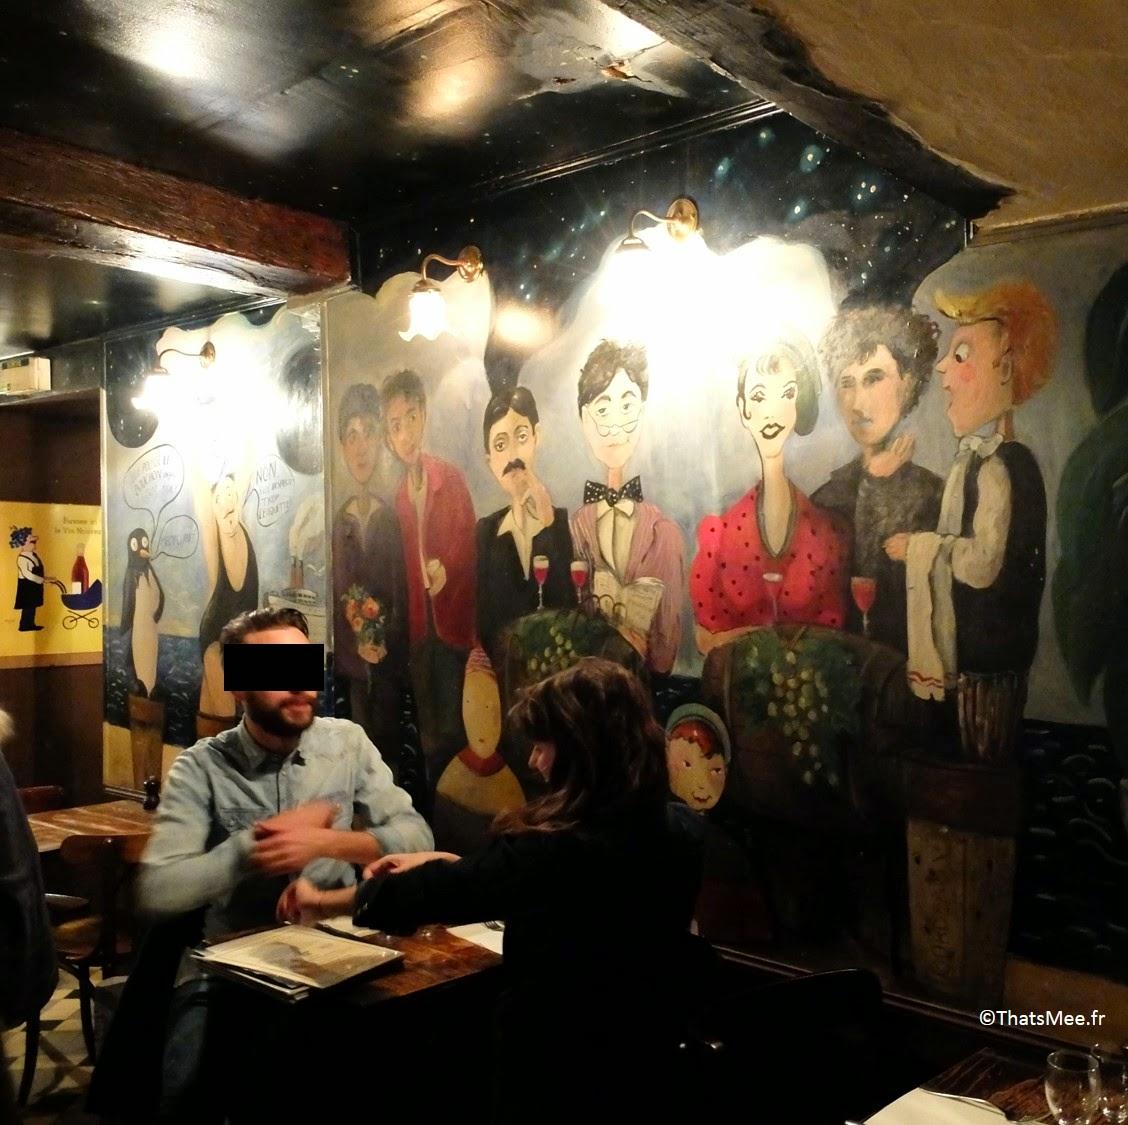 Resto bistro troquet Le Coude Fou Paris Marais, déco murale peinture fresques naives, cuisine traditionnelle française Coude Fou